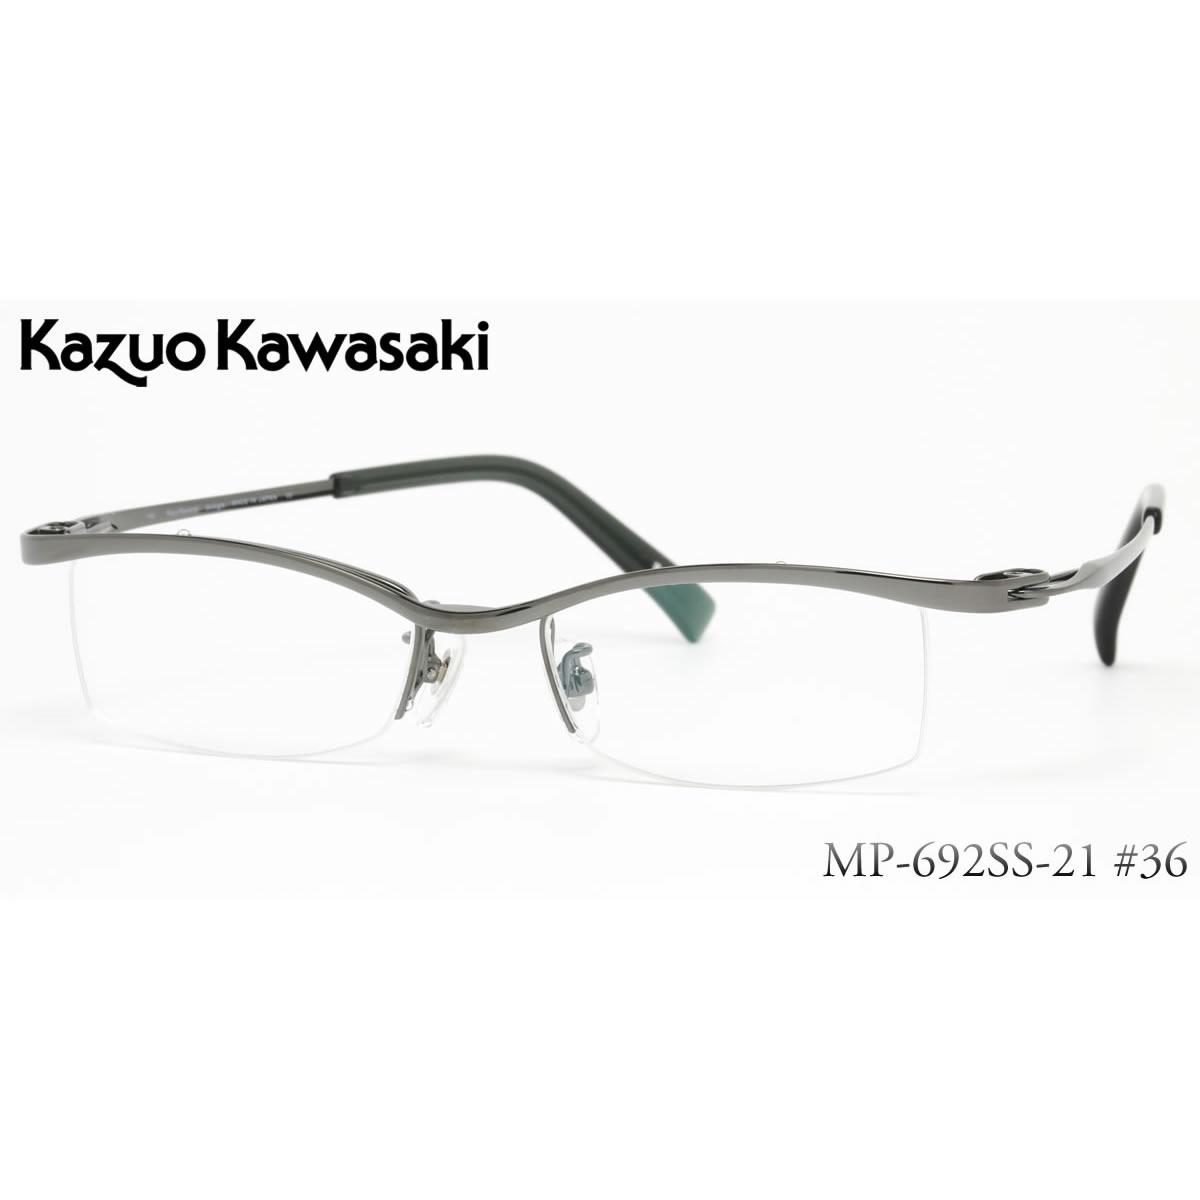 【10月30日からエントリーで全品ポイント20倍】【14時までのご注文は即日発送】MP692SS-21 36 51サイズ Kazuo Kawasaki(カズオカワサキ)メガネ メンズ レディース【あす楽対応】